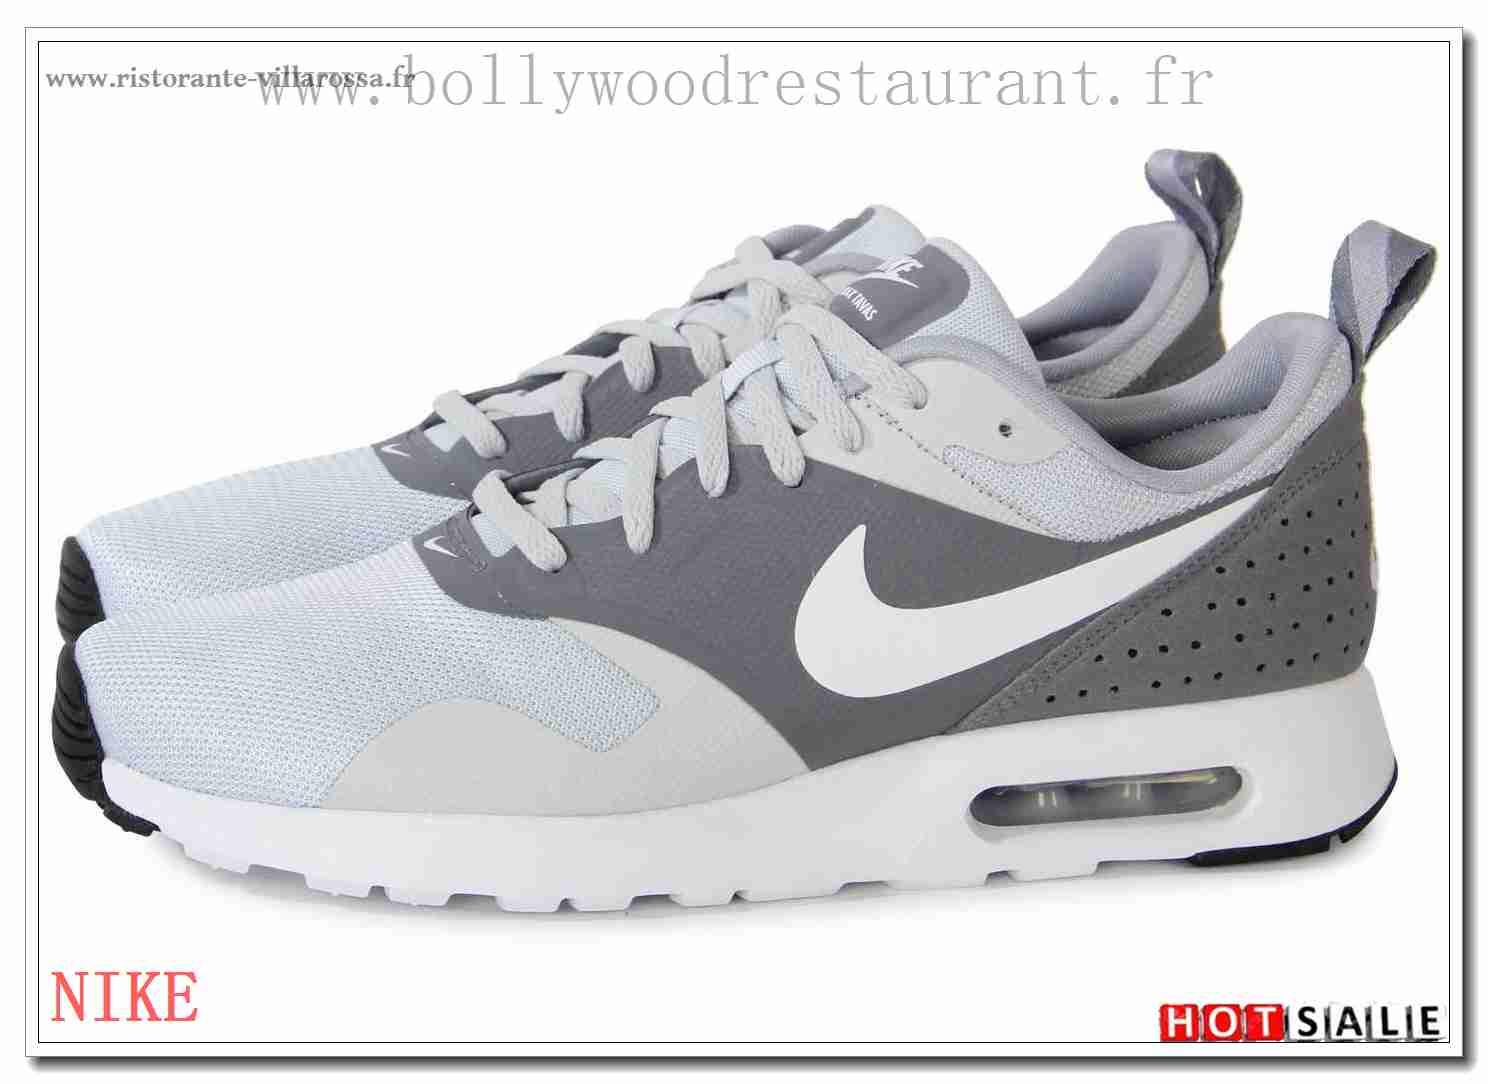 competitive price 9a4cf 50df7 SL4690 élégant 2018 Nouveau style Nike Air Max Tavas - Homme Chaussures -  Promotions Vente -